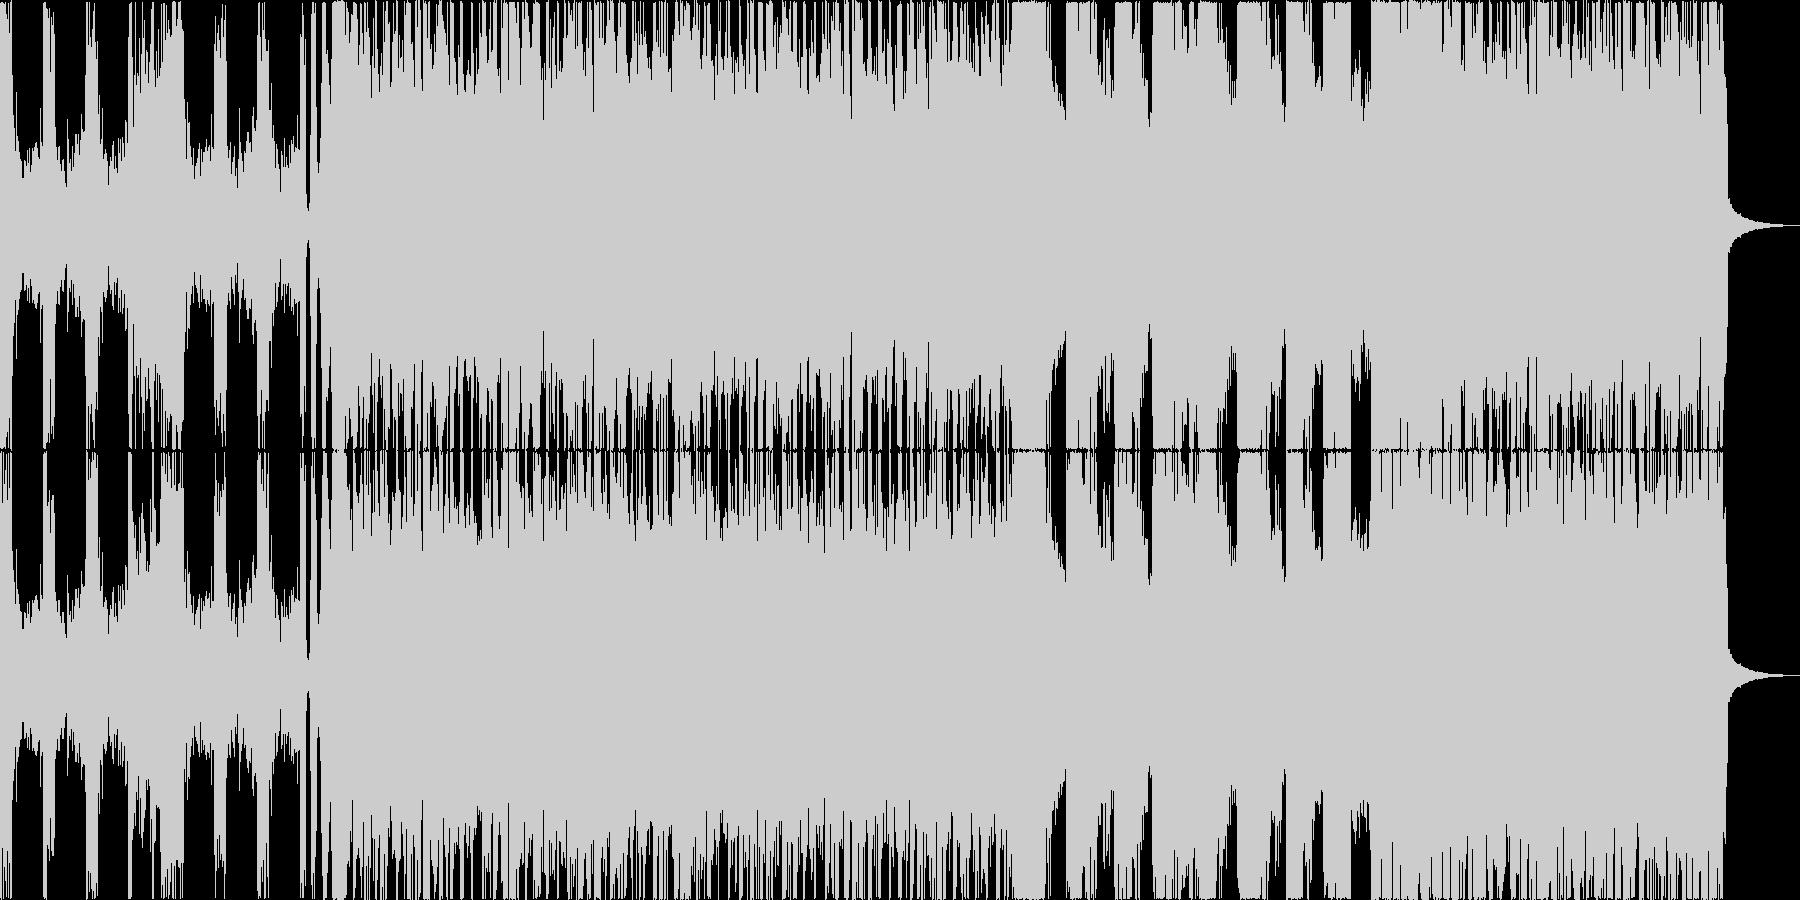 激しいギターリフで展開するハードロック曲の未再生の波形